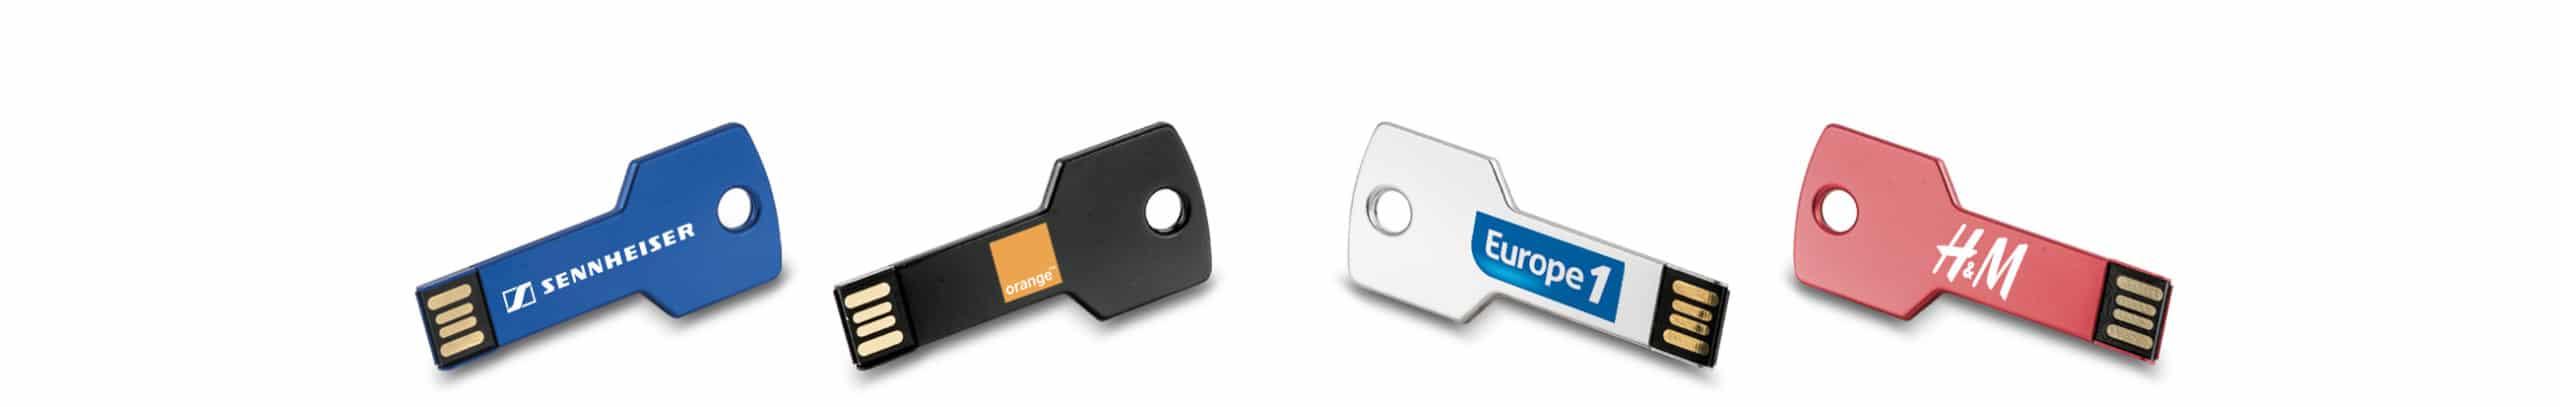 Ensemble de clés USB publicitaires en forme de clé avec logo Europe 1- Orange - H et M